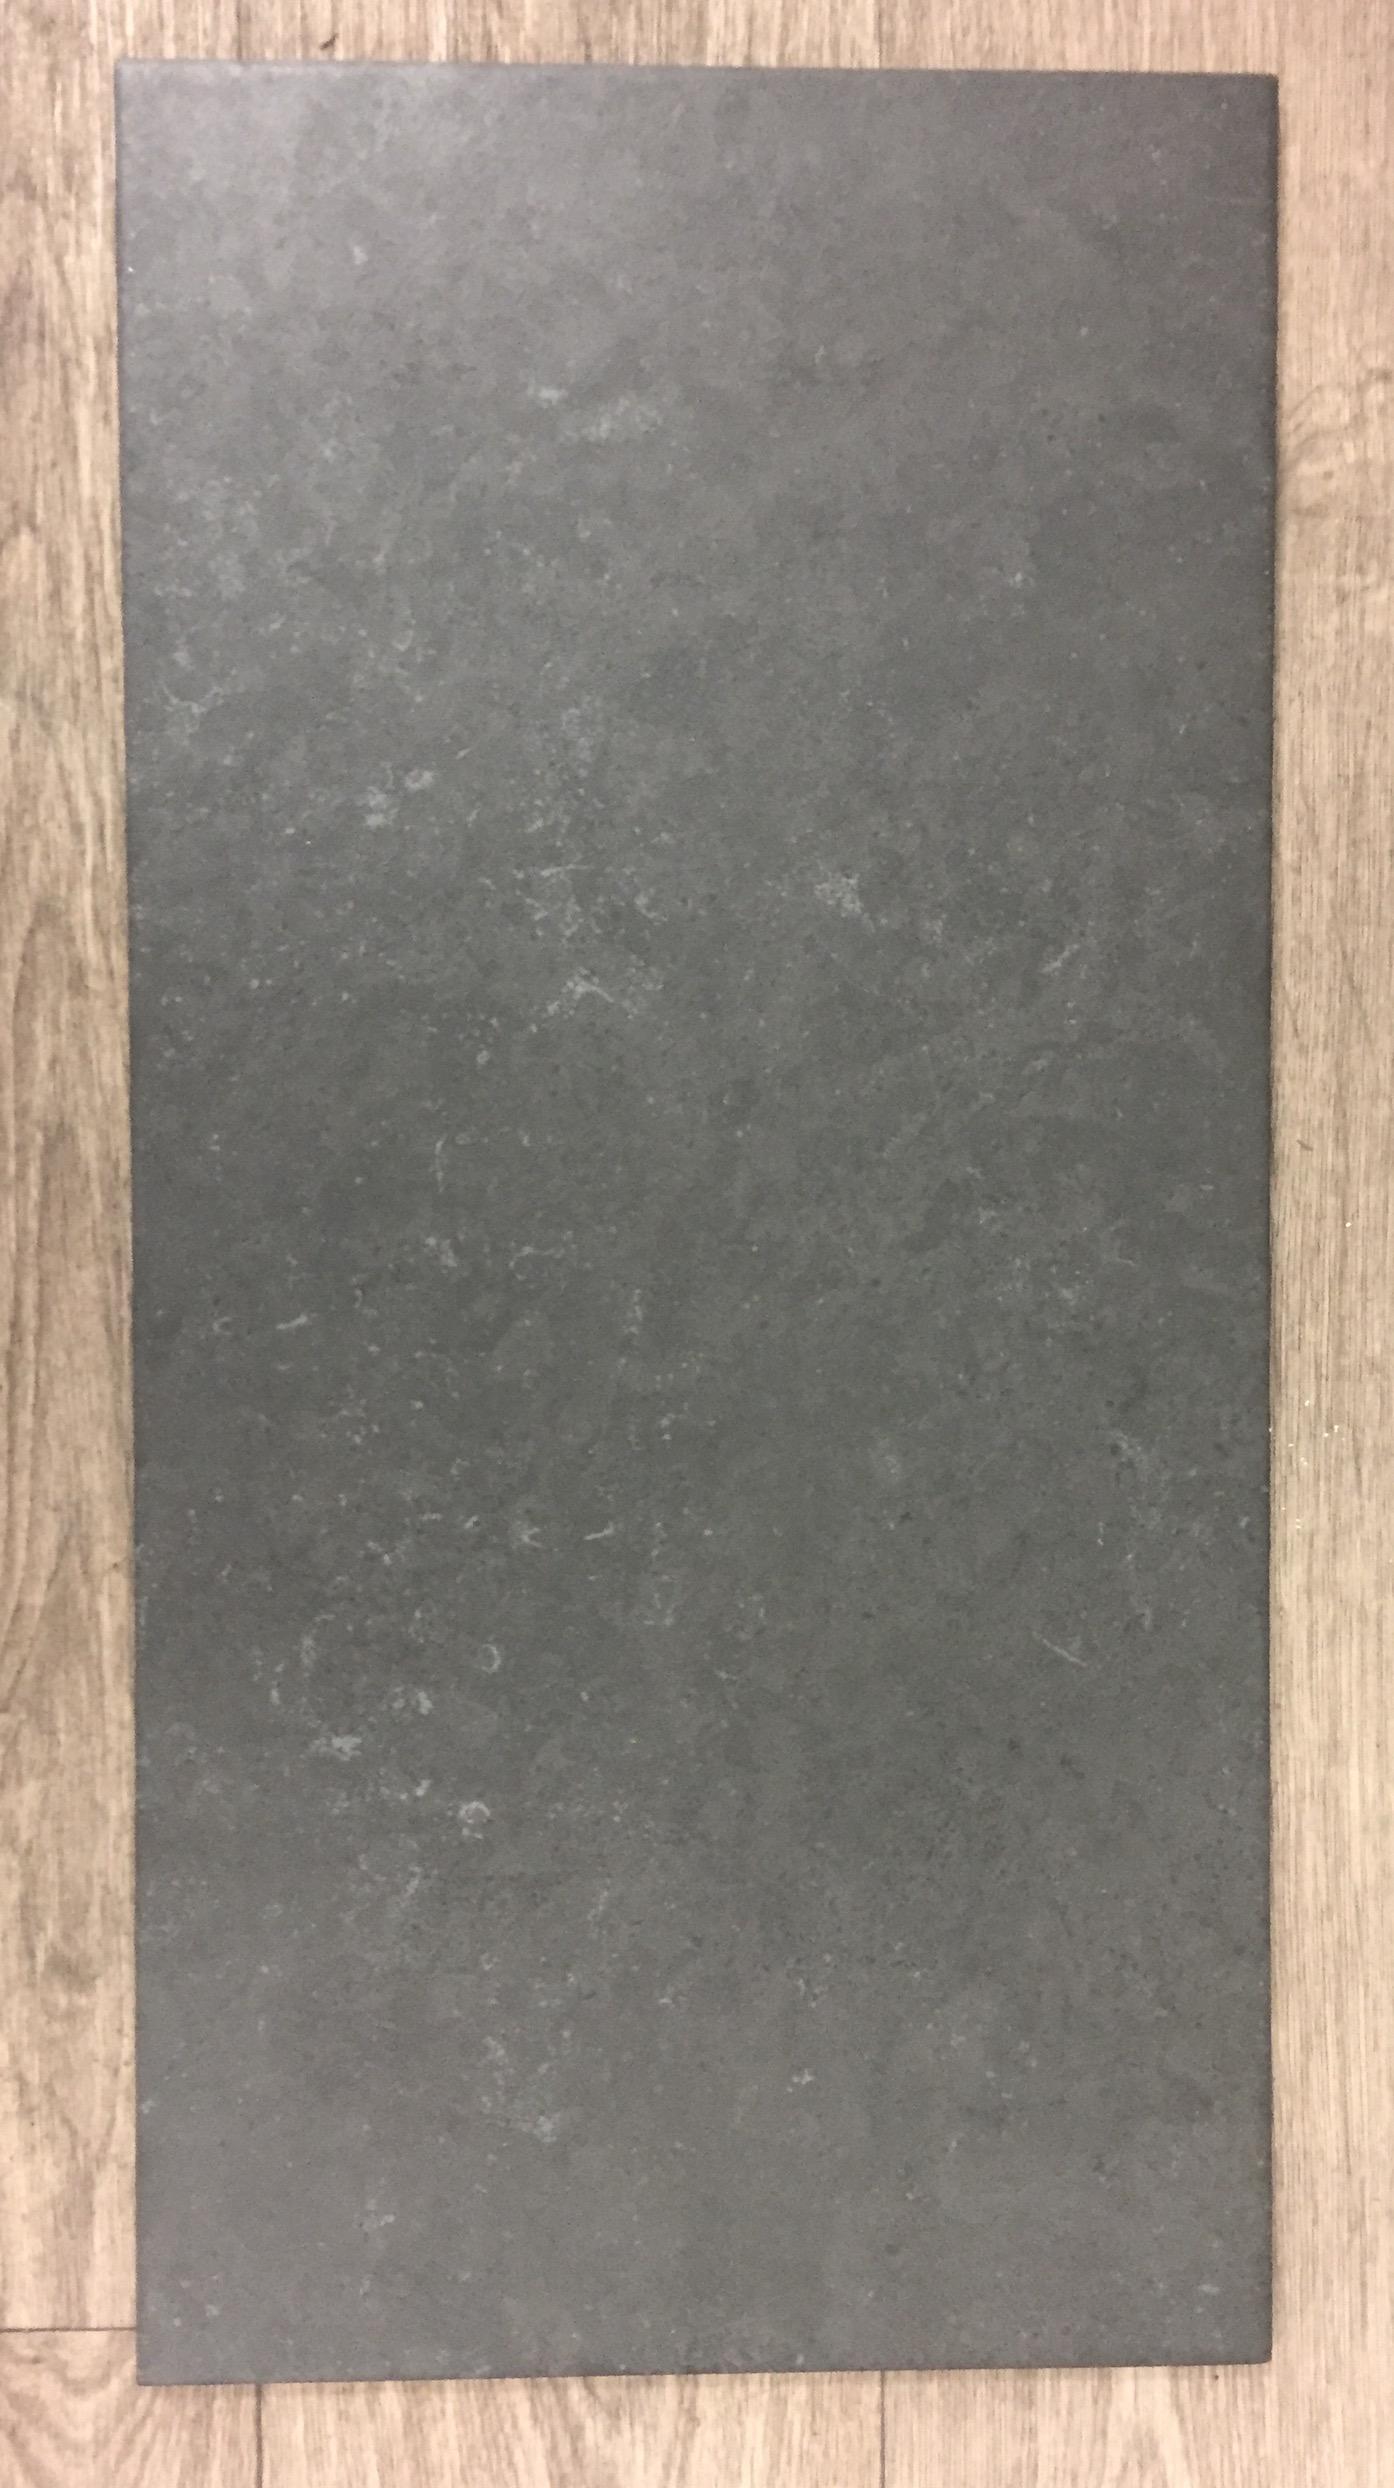 vloertegel 30x60 cm venice antraciet in de keuken